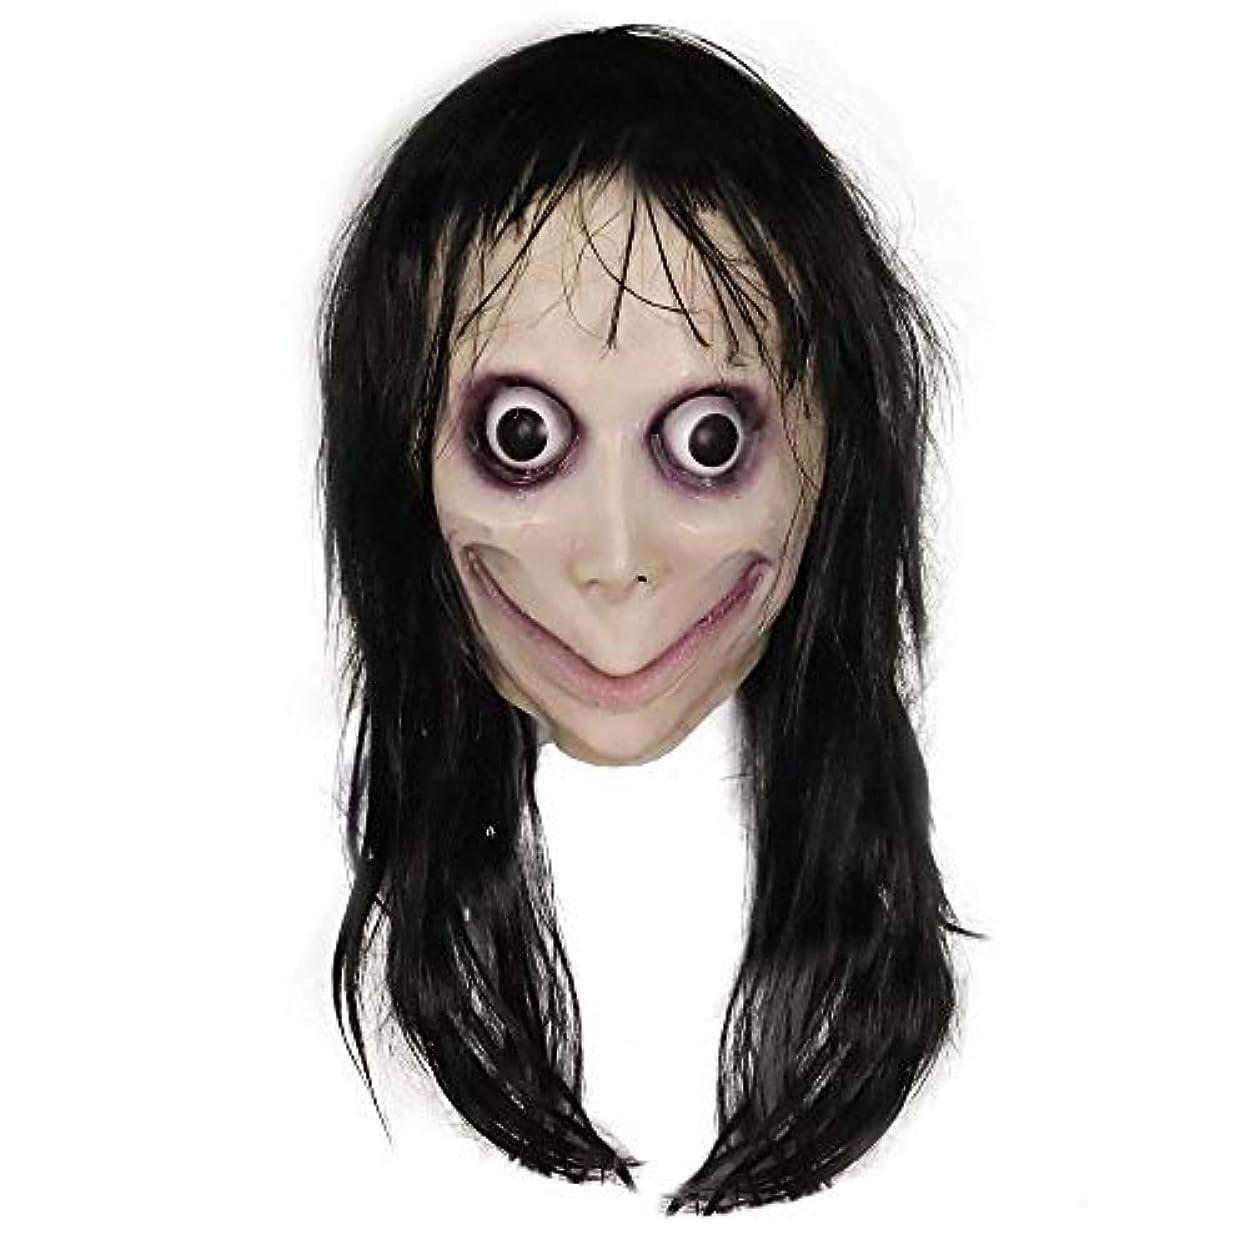 テザーファンタジー配る不気味なマスク、髪怖いゲームモモマスク、ロールプレイング小道具マスク子供大人ホラー恐怖ゴーストヘルメットラテックスマスクファンシーボールハロウィーンパーティー